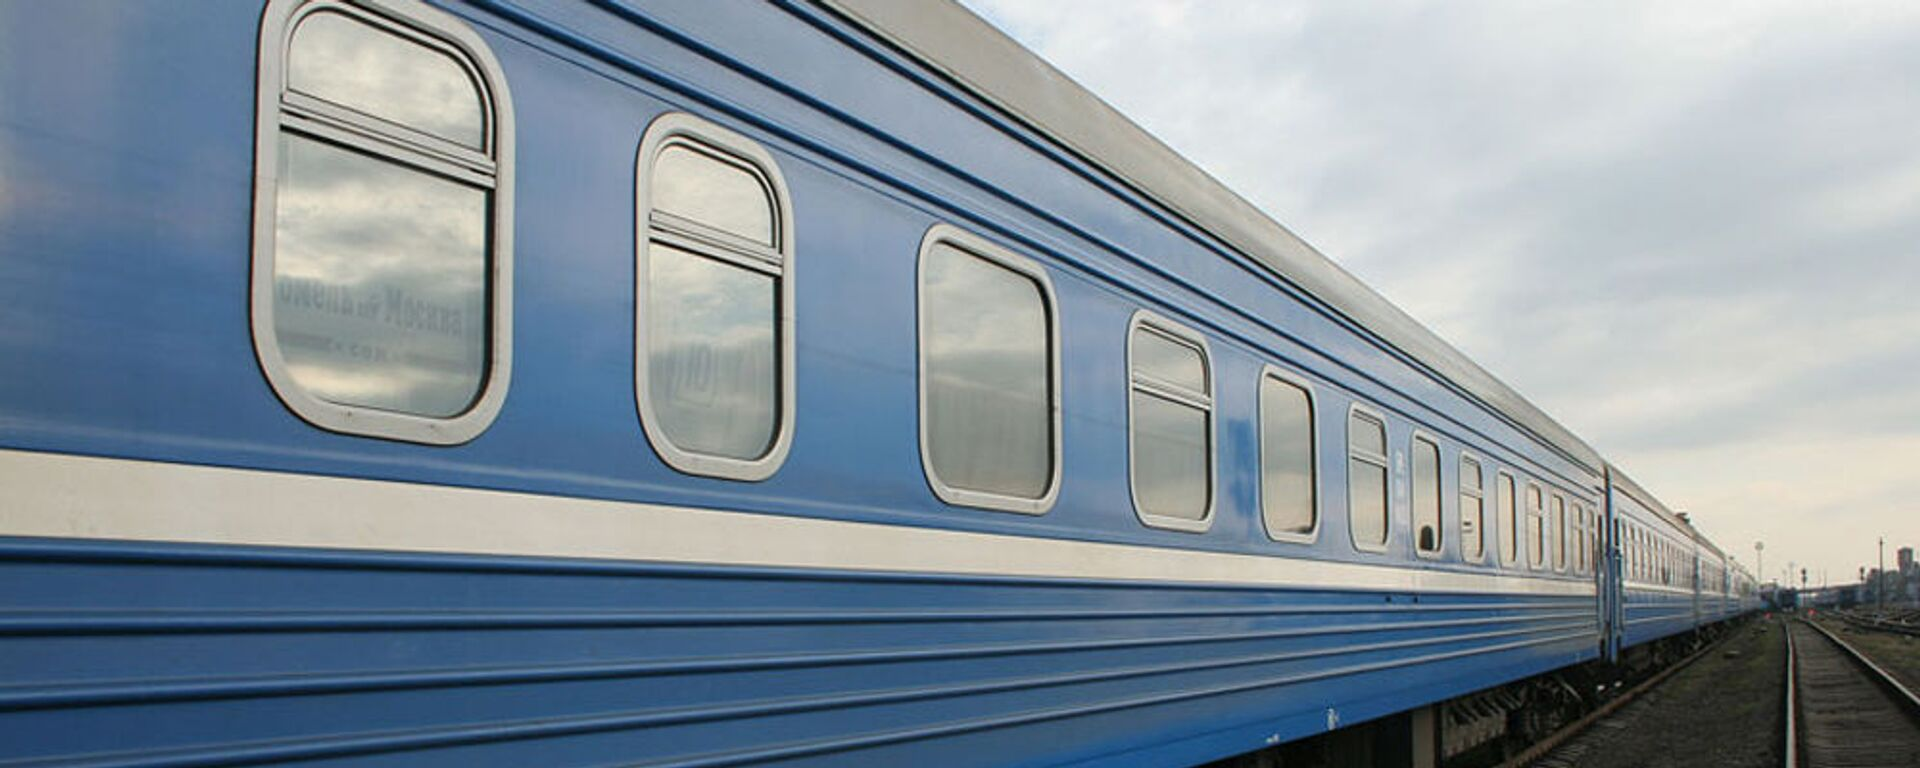 Поезд БЖД - Sputnik Беларусь, 1920, 20.04.2021